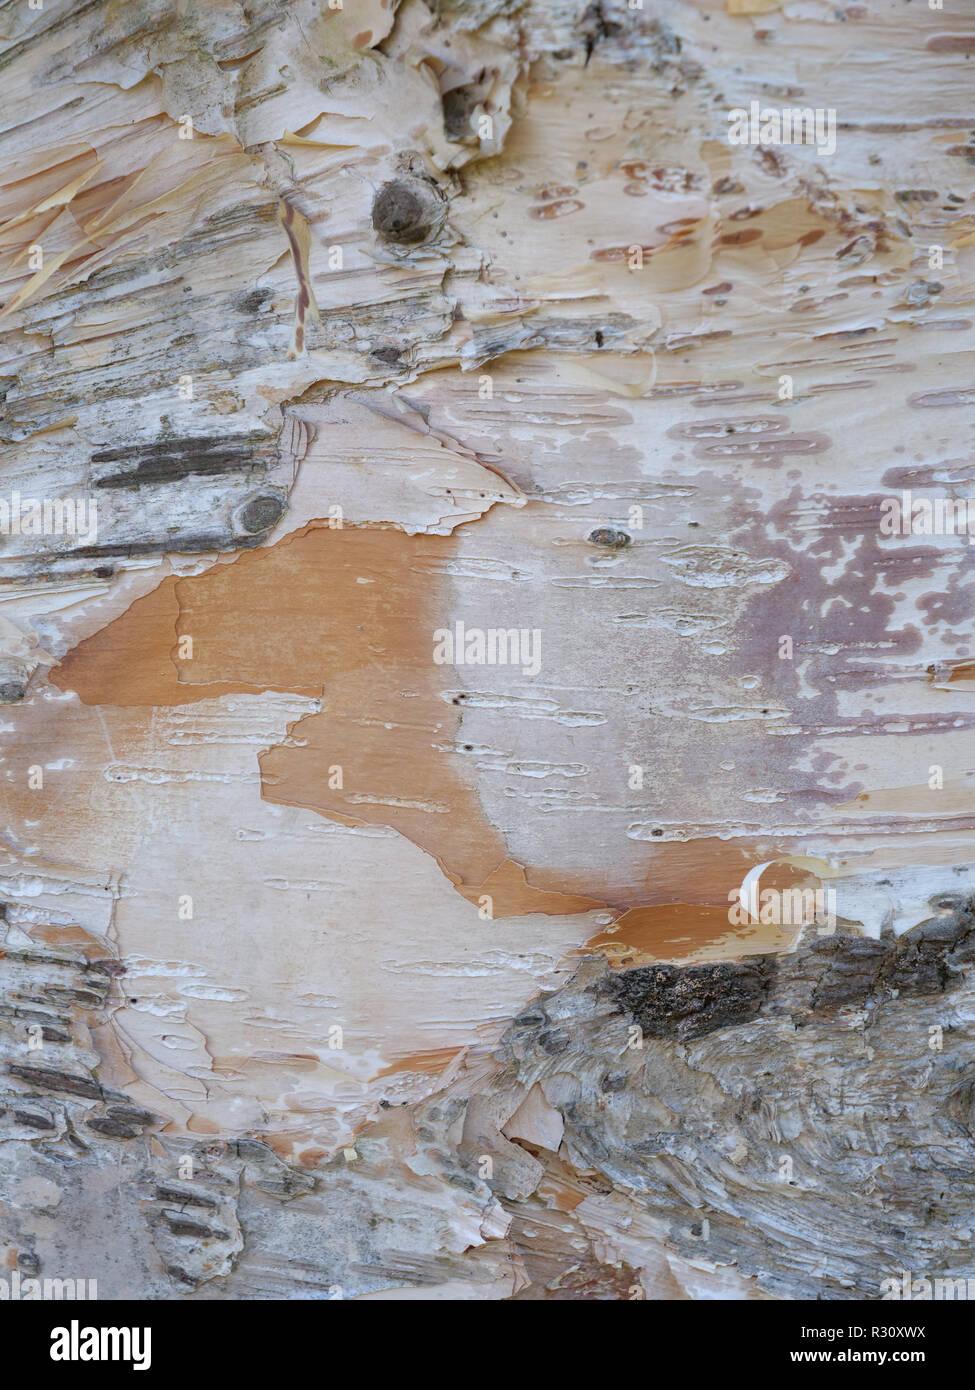 L'écorce de bouleaux (Betula) séduisant et plein de surprises, montrant la beauté naturelle intérieure et extérieure de motifs, textures et couleurs. UK Banque D'Images